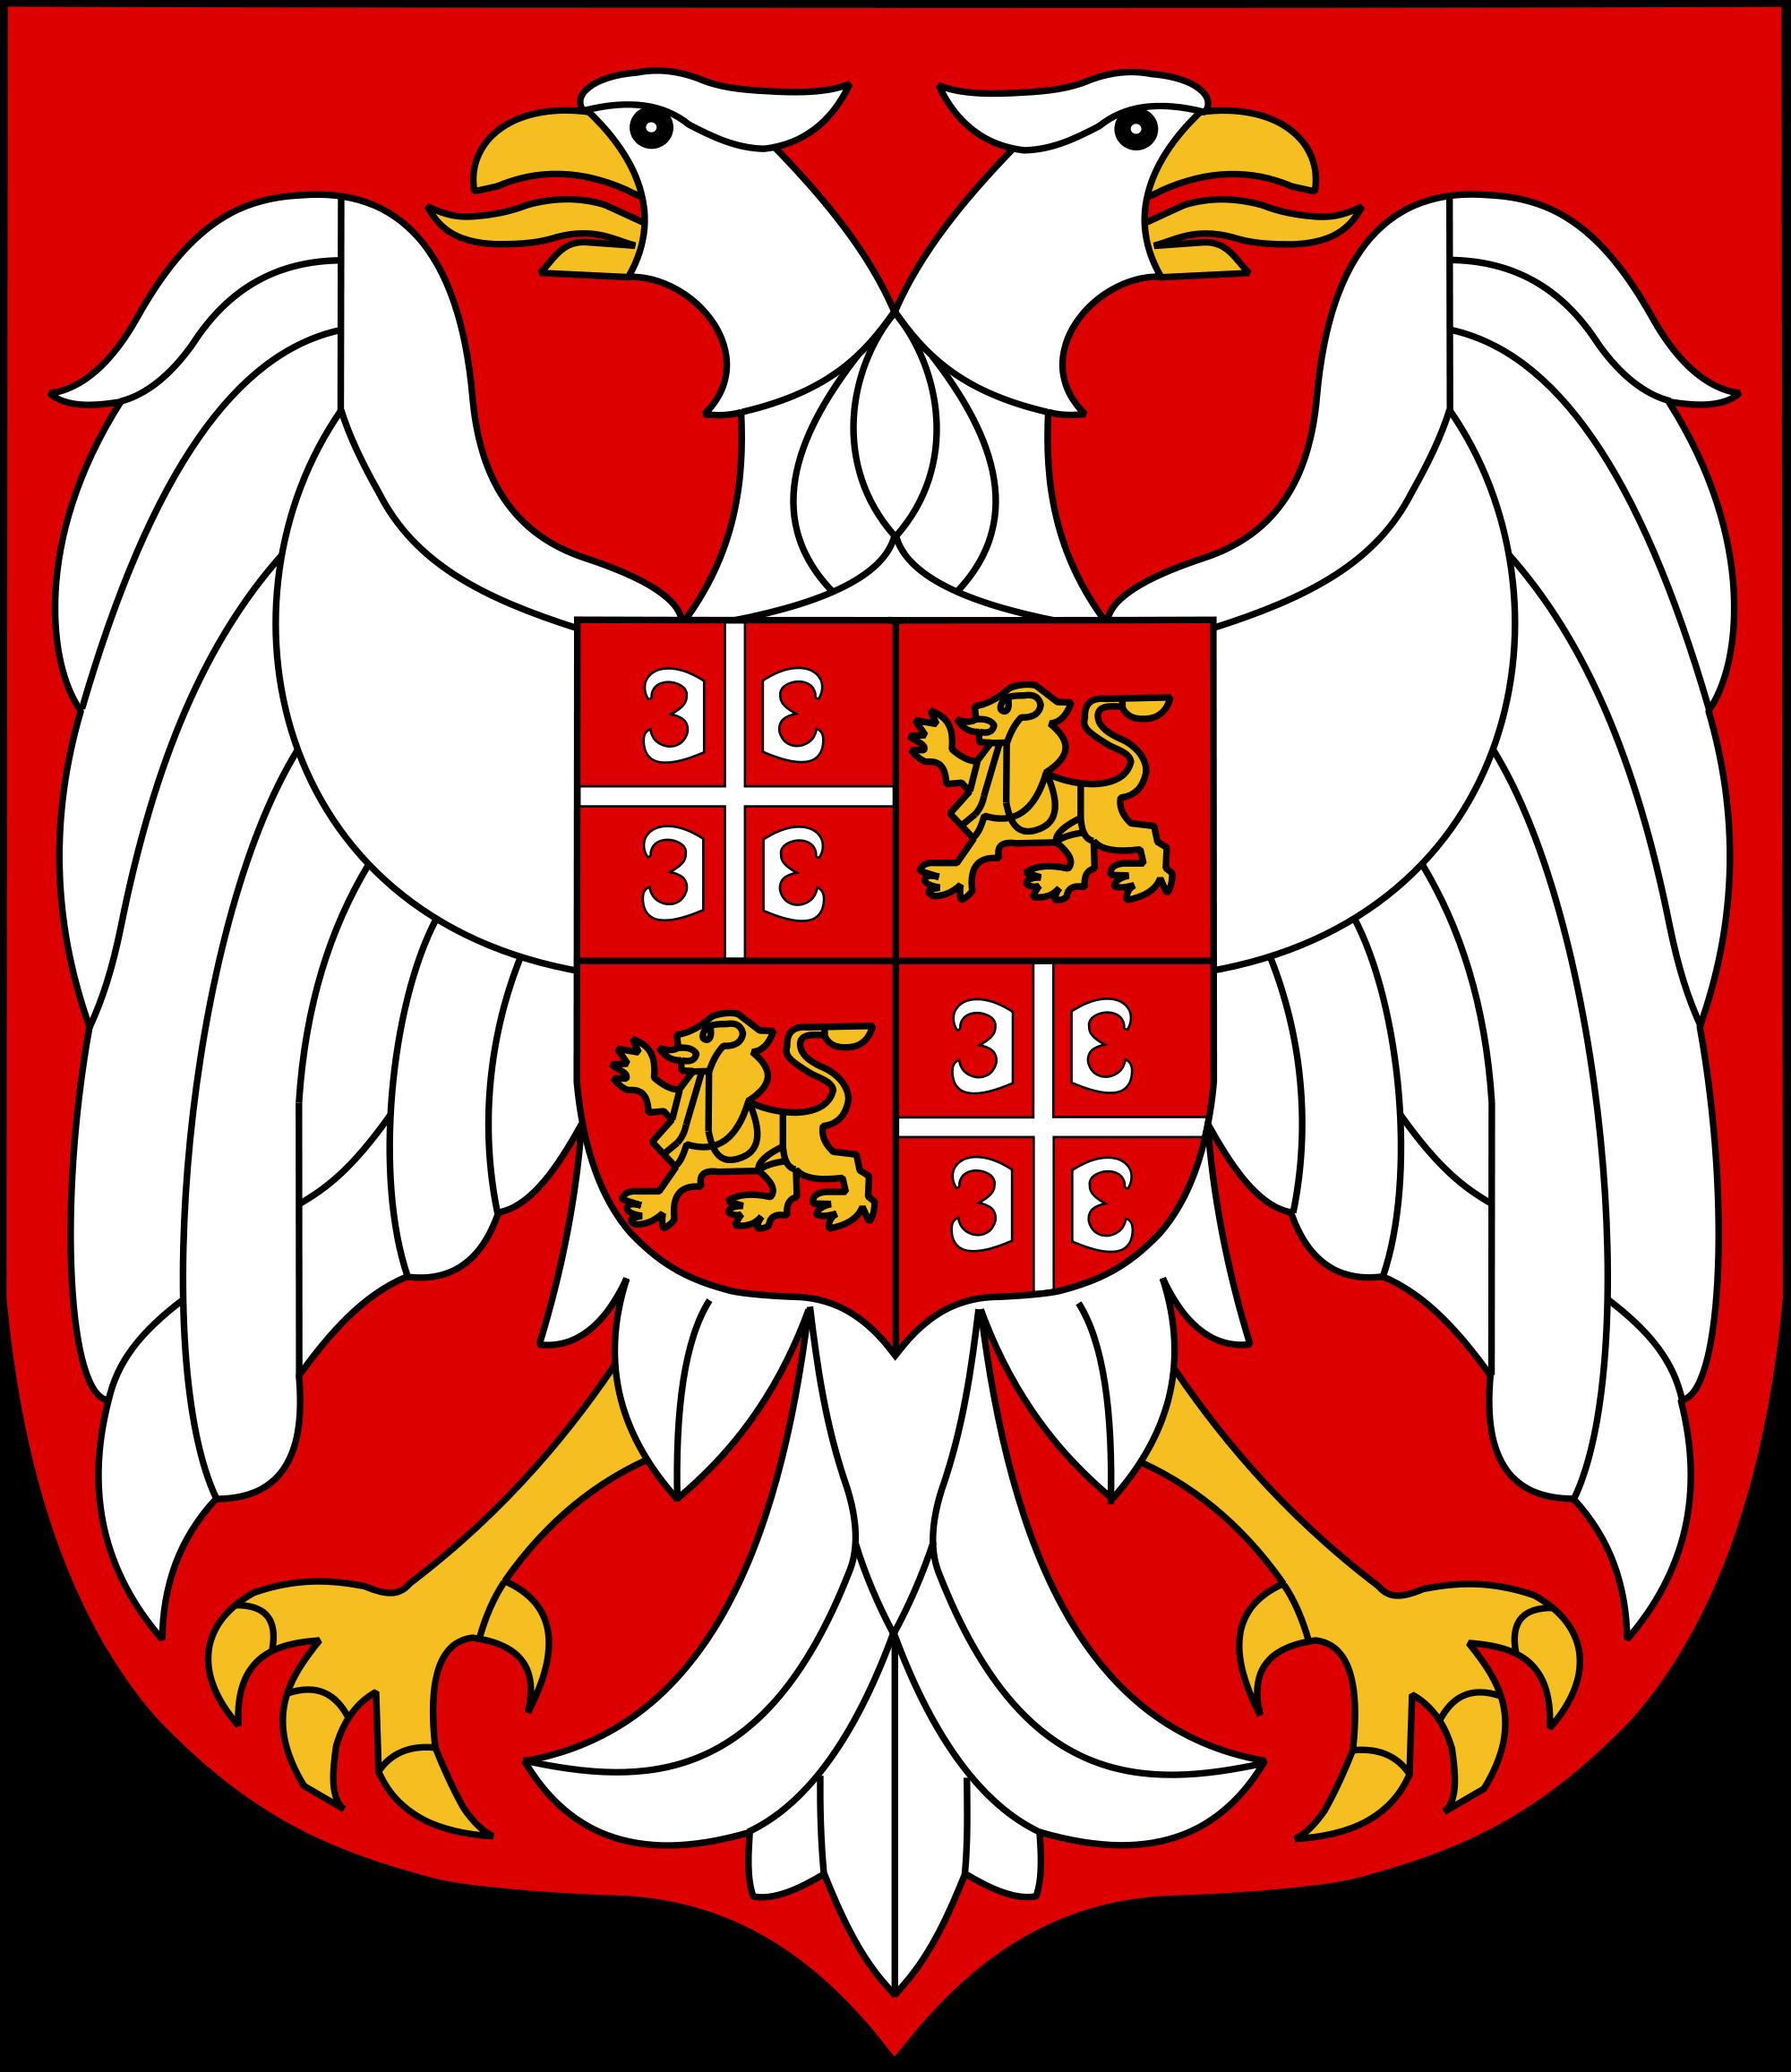 Σύμβολα καὶ οἰκόσημα...92 Σερβία